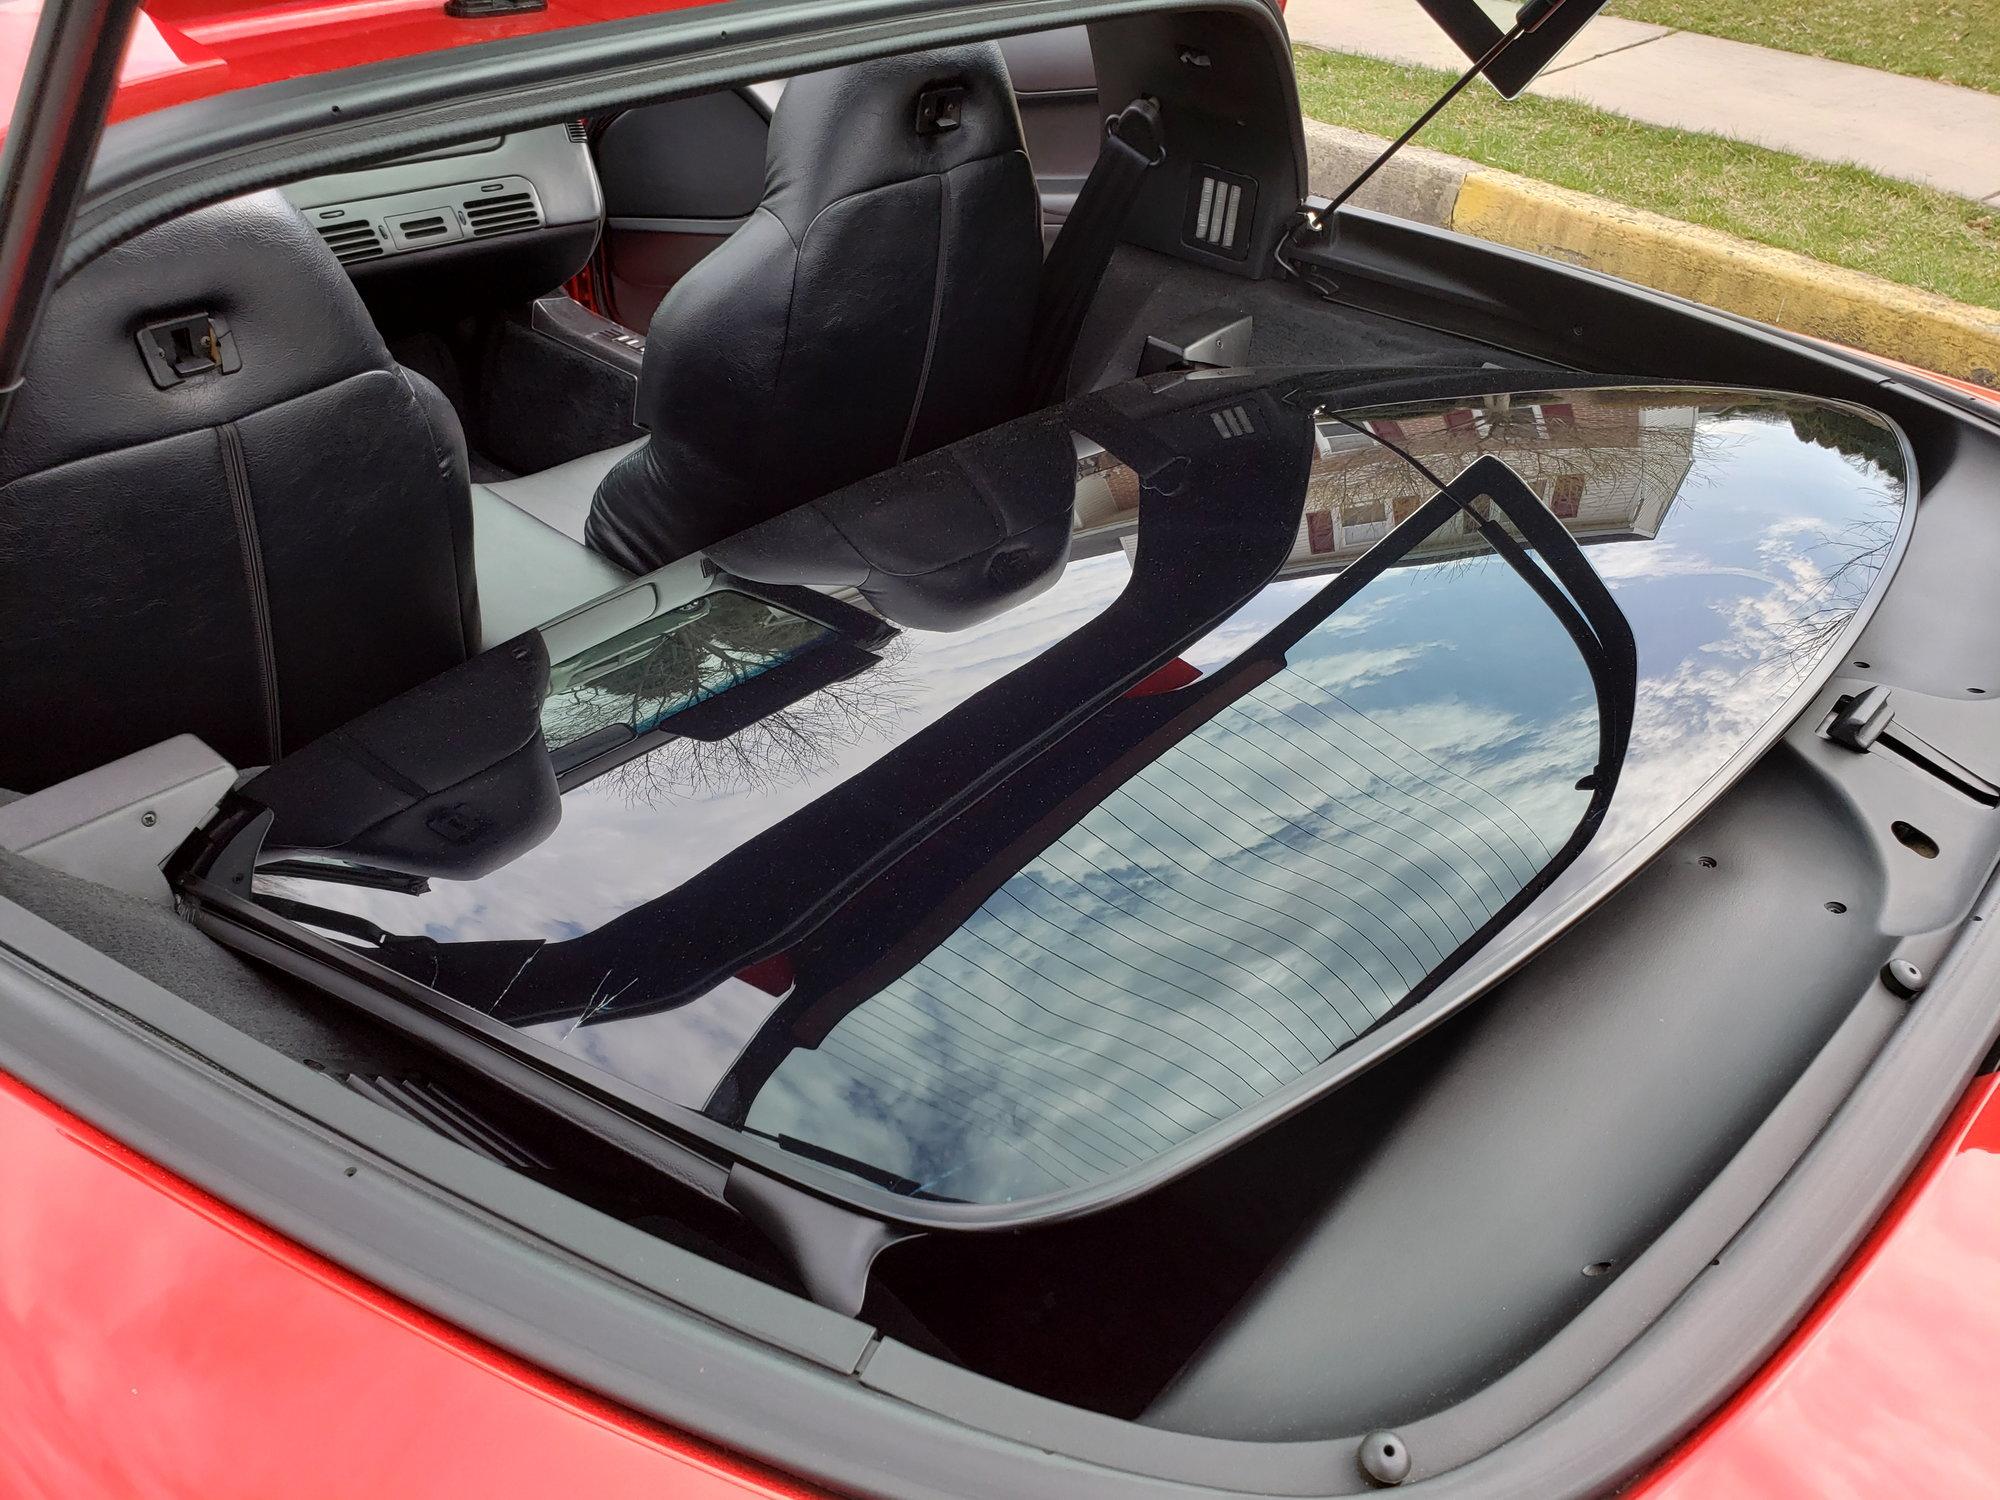 FS (For Sale) 1996 Chevrolet Corvette LT4 $18,000 Obo